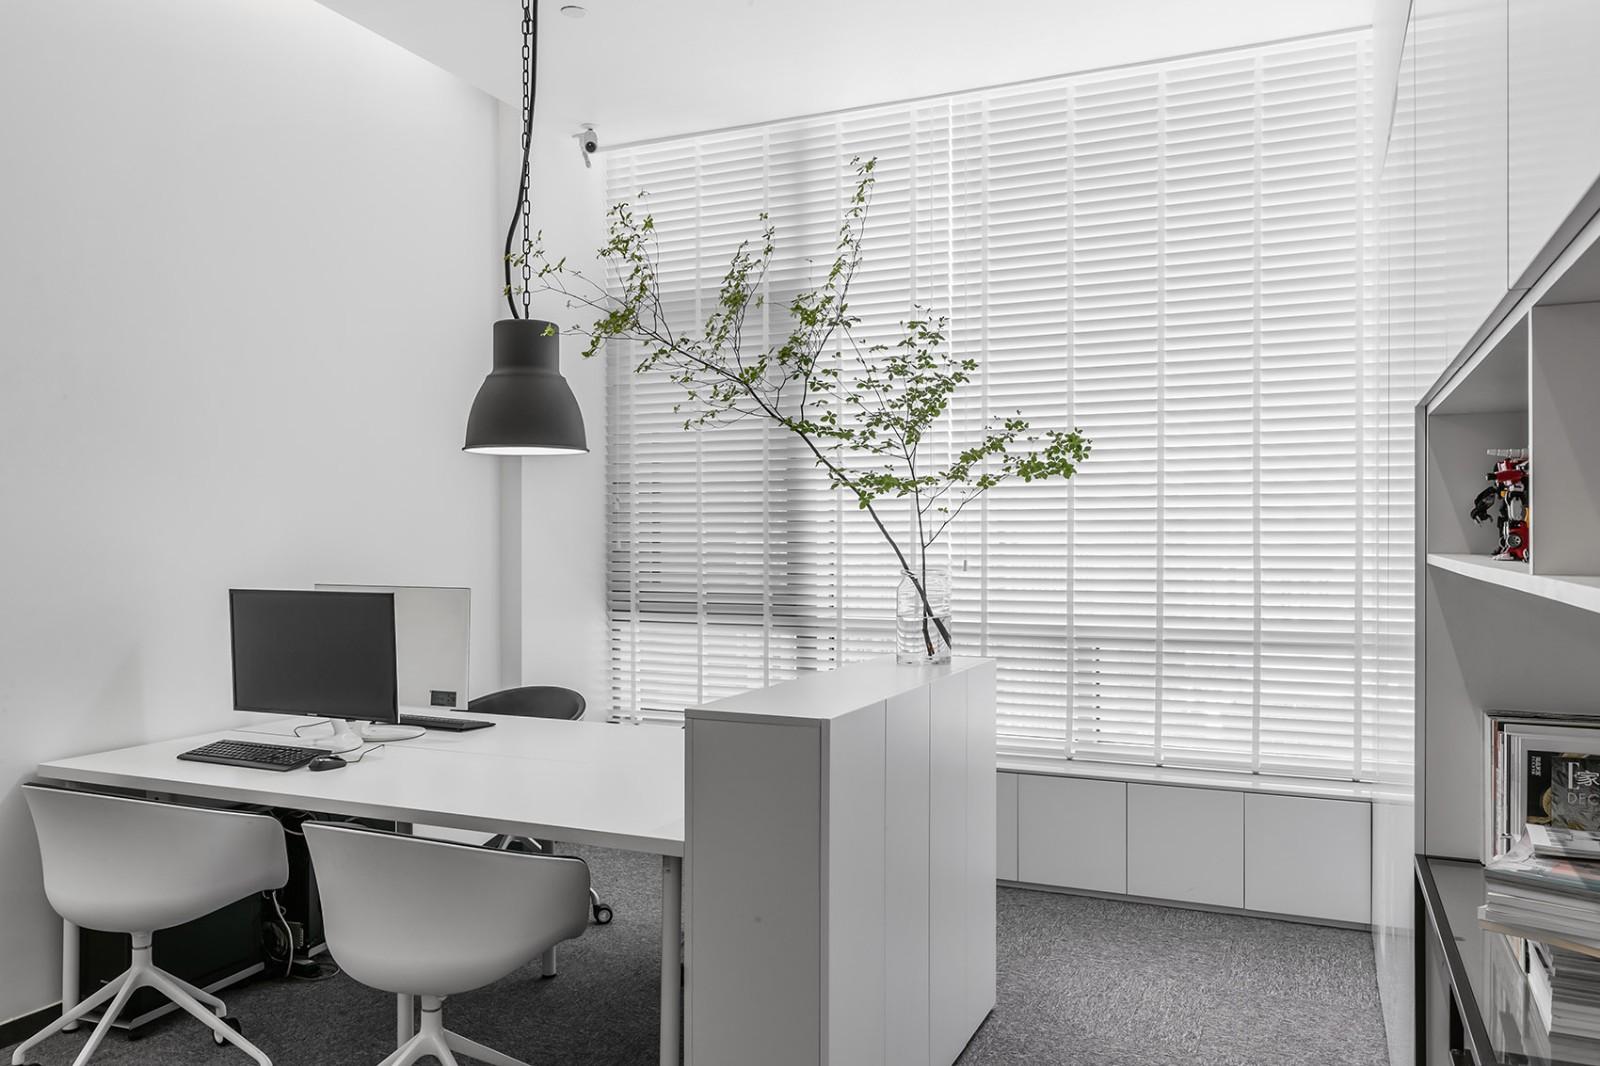 办公室设计,让极简不失调性|张勇、马鑫 - 5